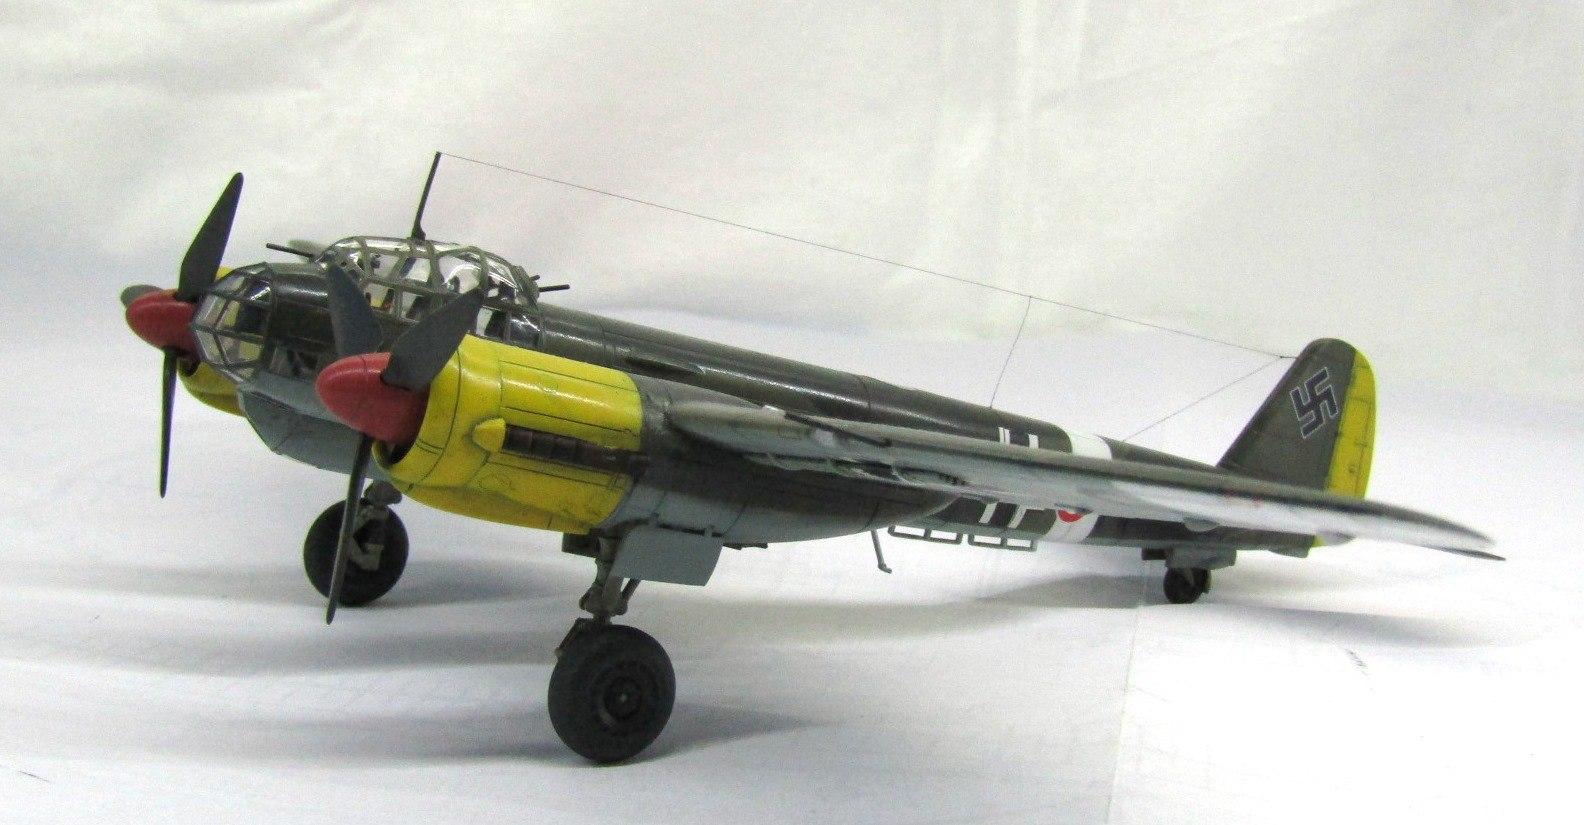 Ju-88 A-4 1/72 (Звезда) HaLz57hxPGI